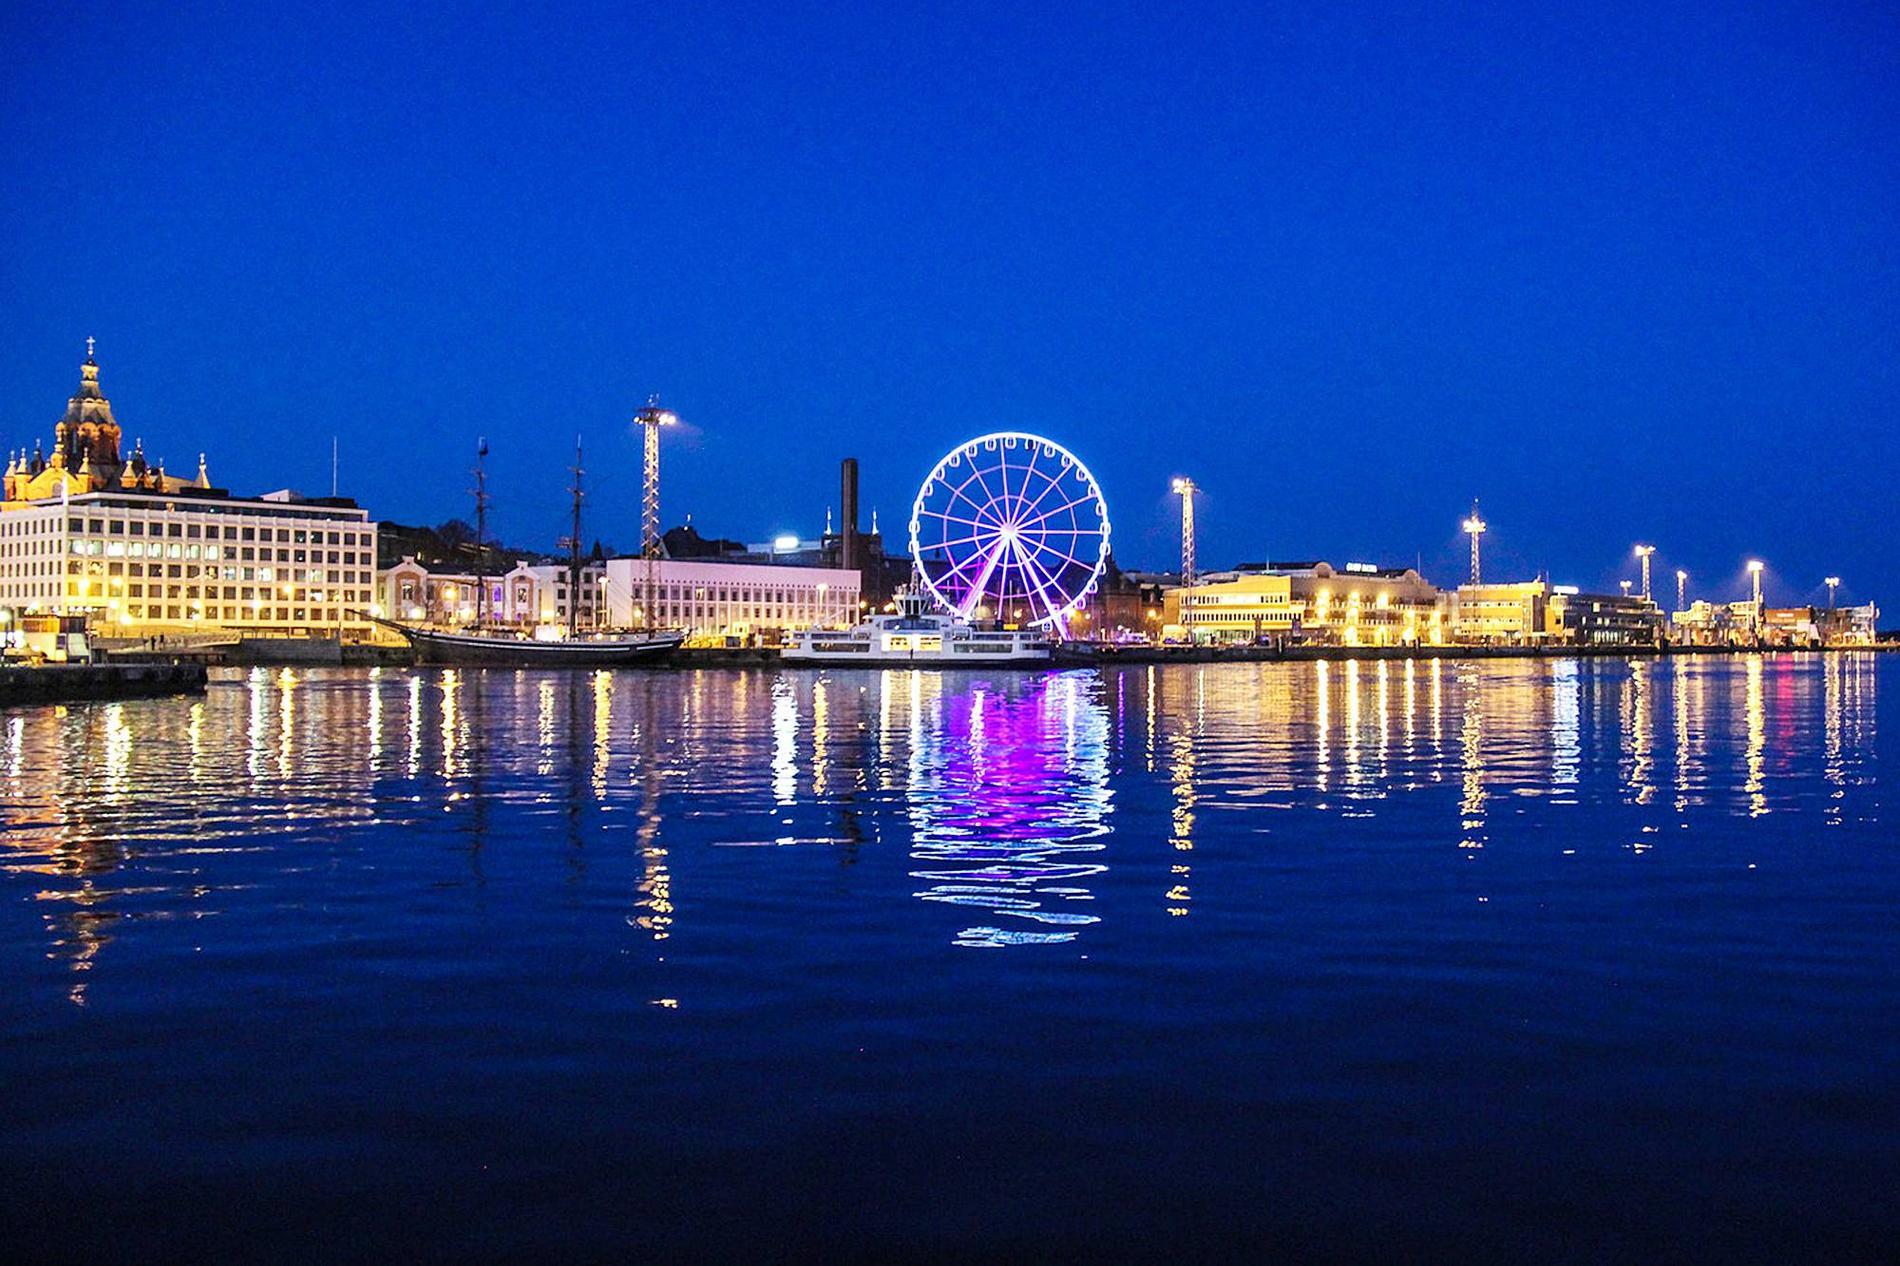 Det nya pariserhjulet står i hamnen mitt i centrala Helsingfors och kommer att vara igång året runt - tack vare klimatkontrollerade gondoler.